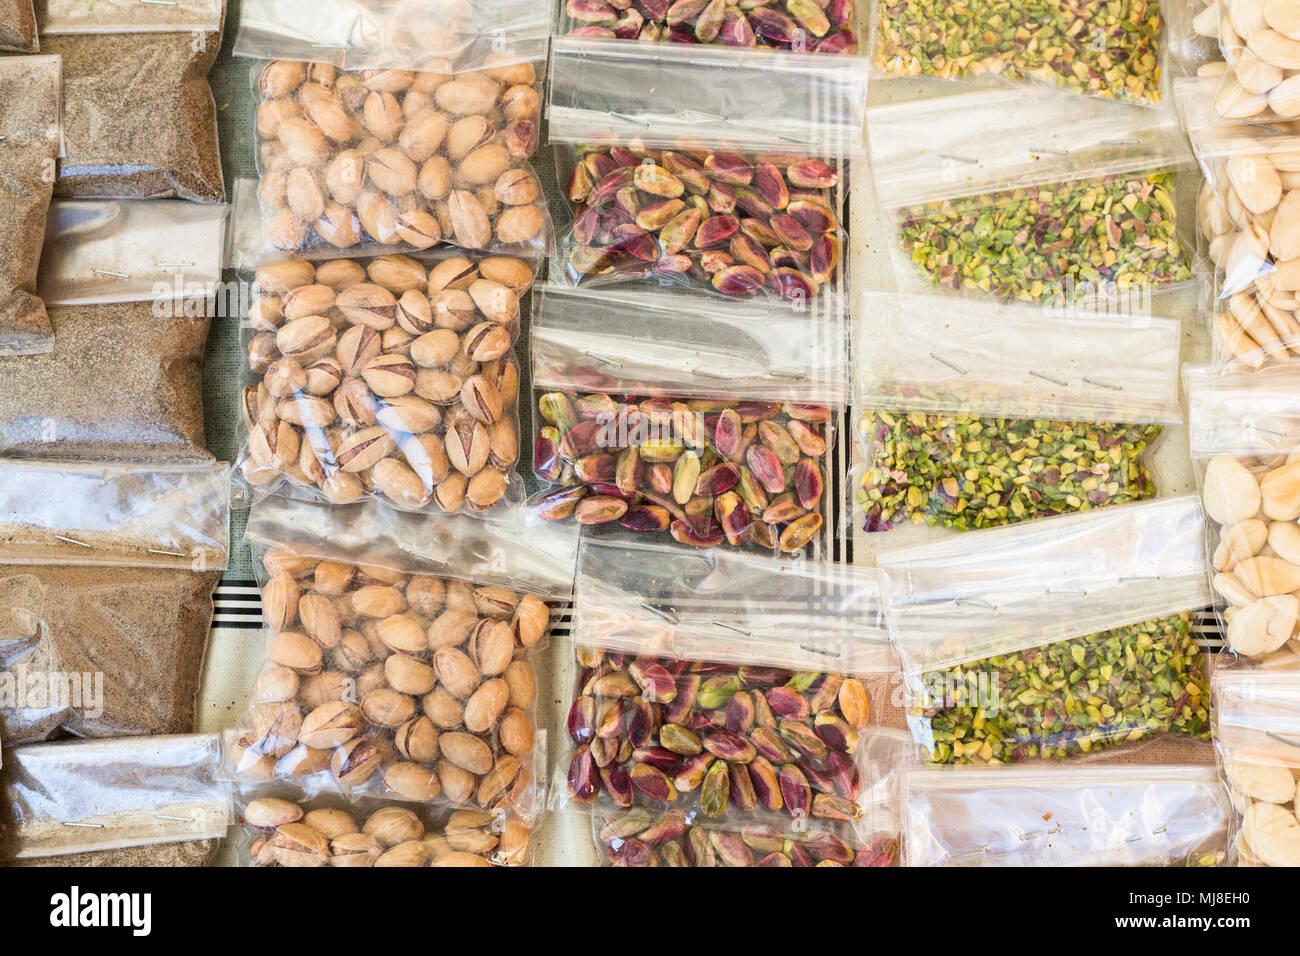 Les pistaches, Palerme, marché Ballarò, Sicile, Italie Photo Stock